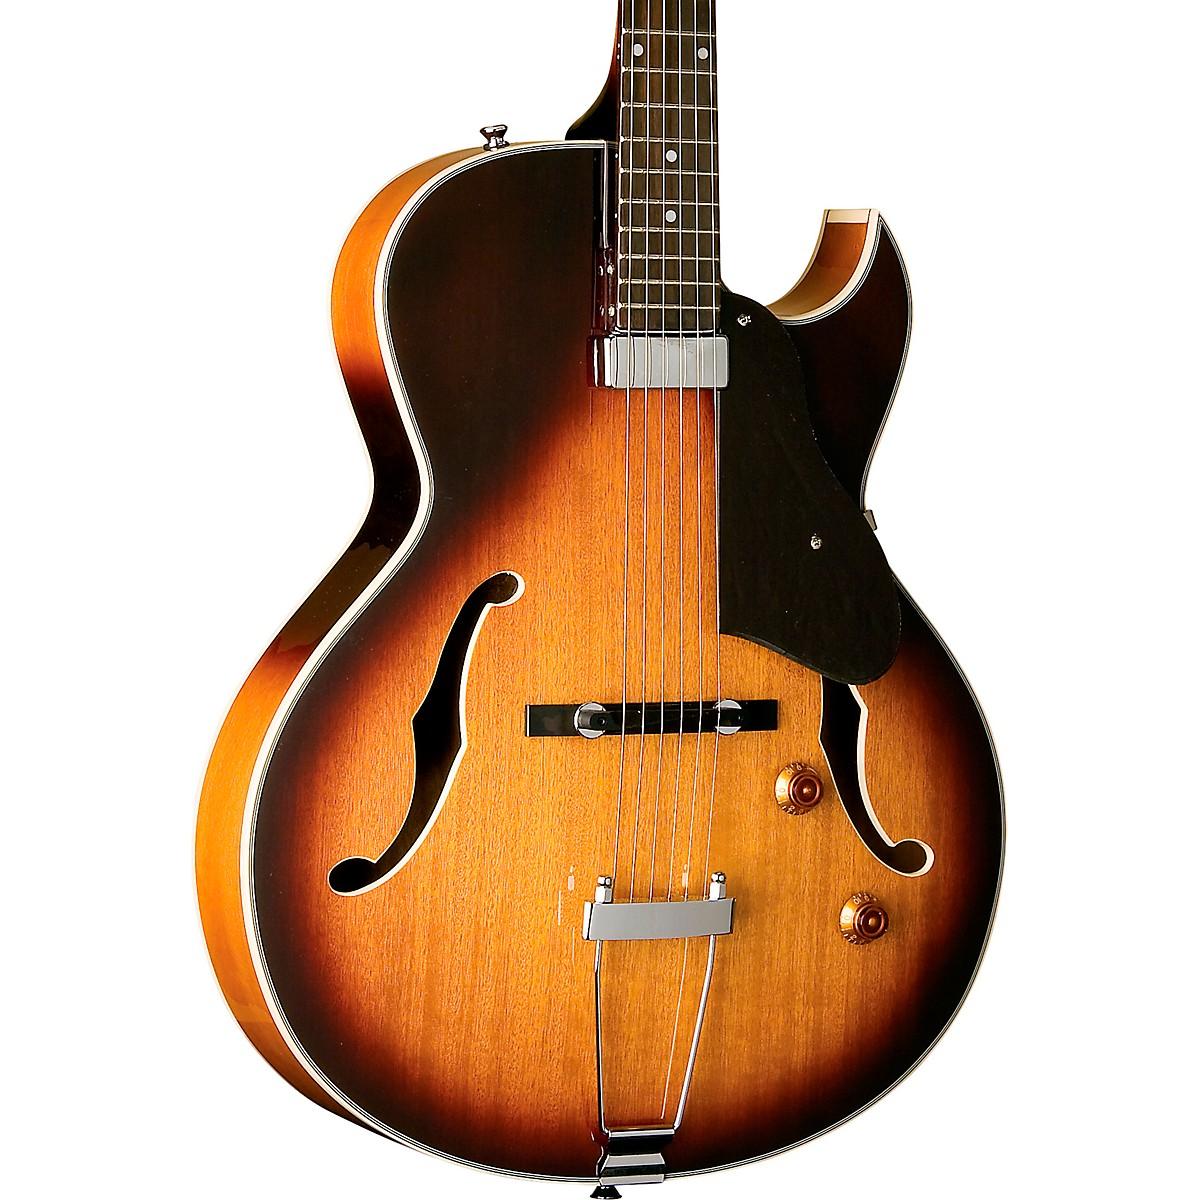 Washburn Hollowbody Mini Humbucker Electric Guitar Sunburst